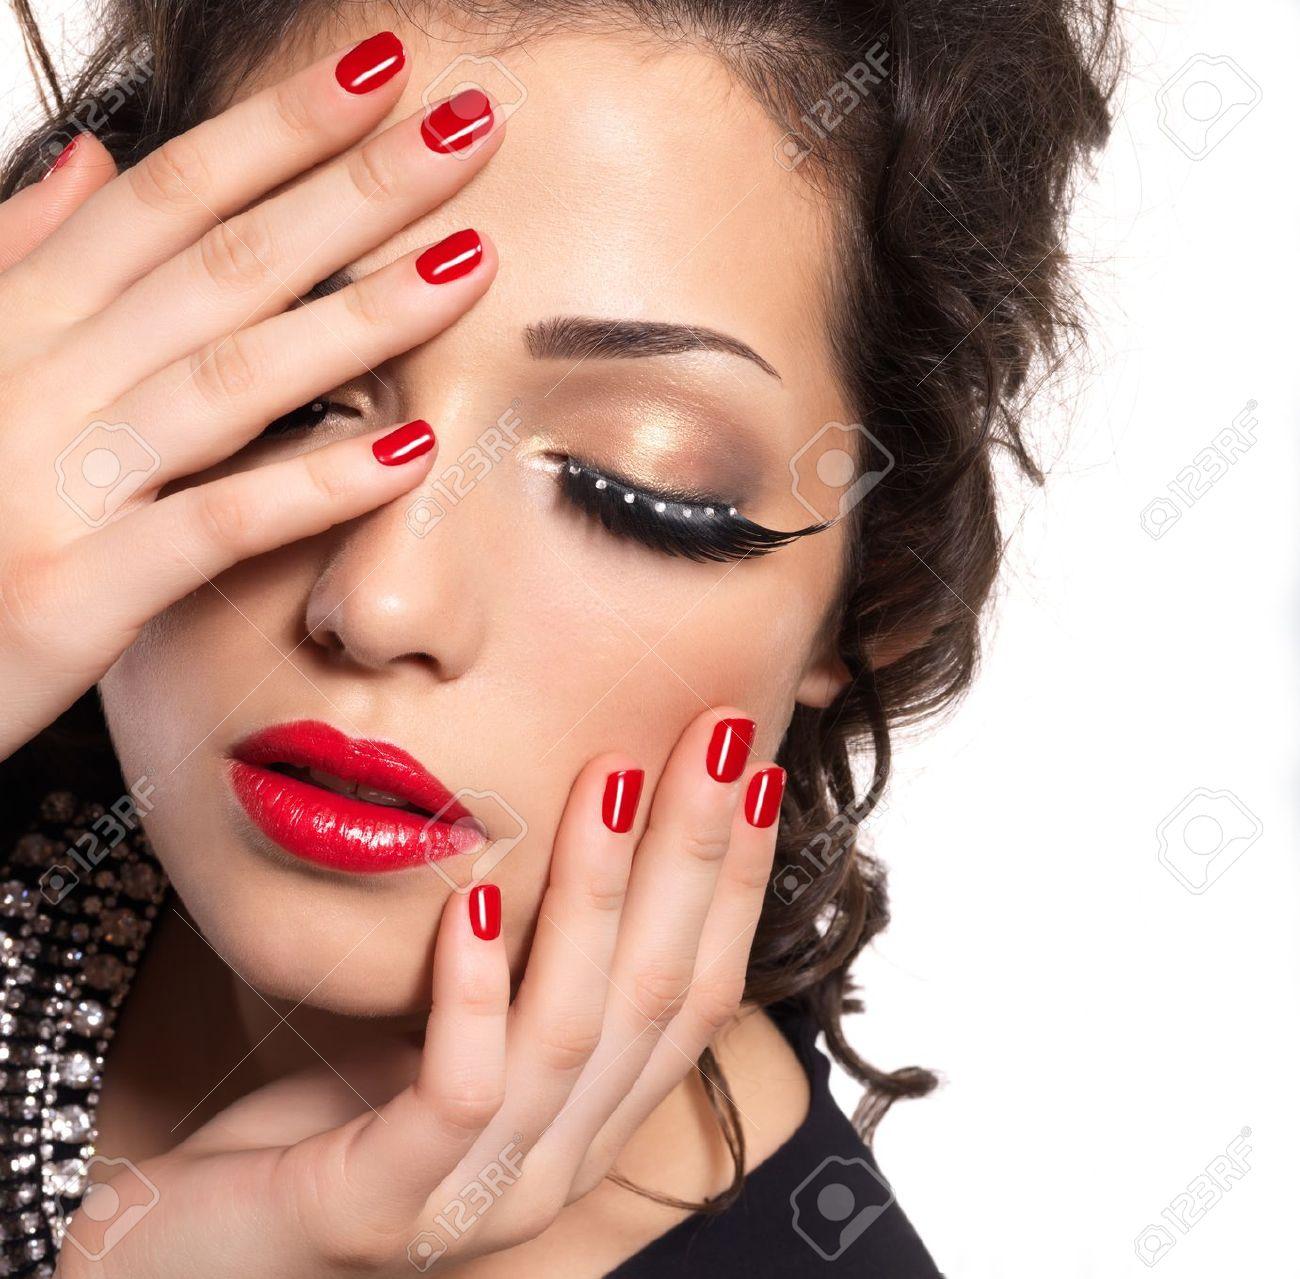 مدل آرایش چشم (3)